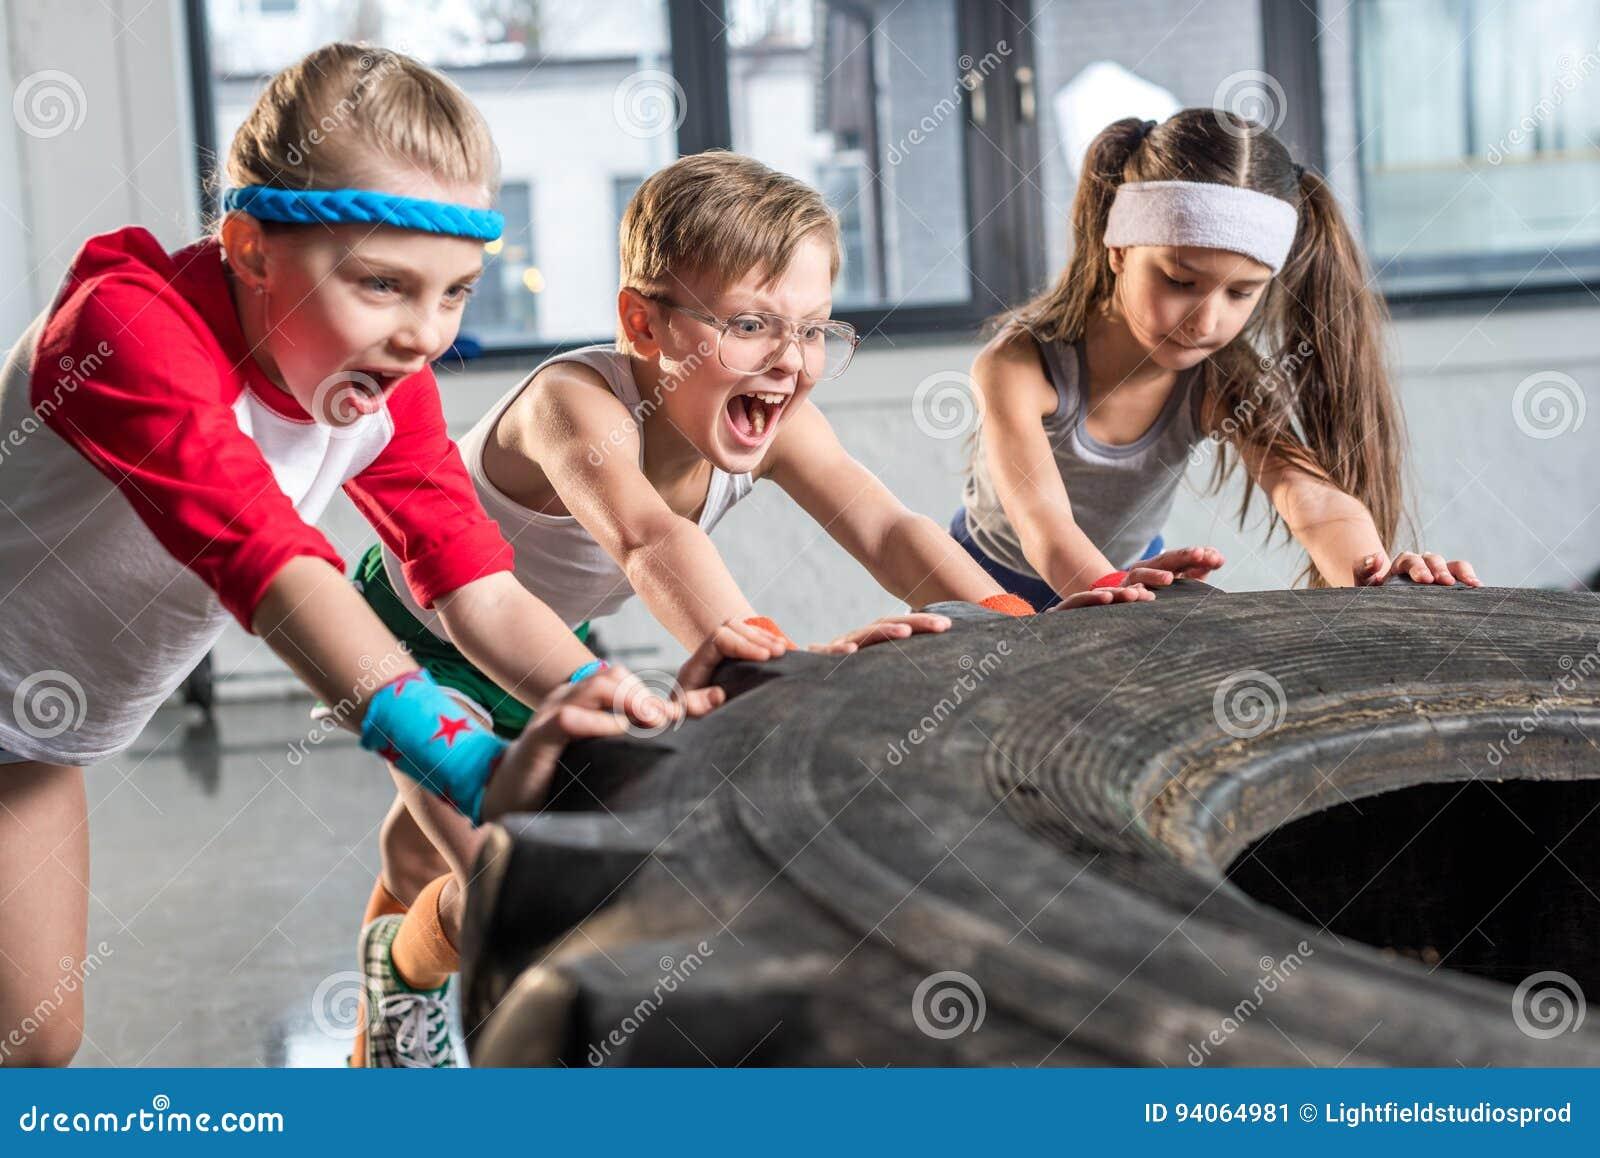 Crianças adoráveis no treinamento do sportswear com o pneu no estúdio da aptidão